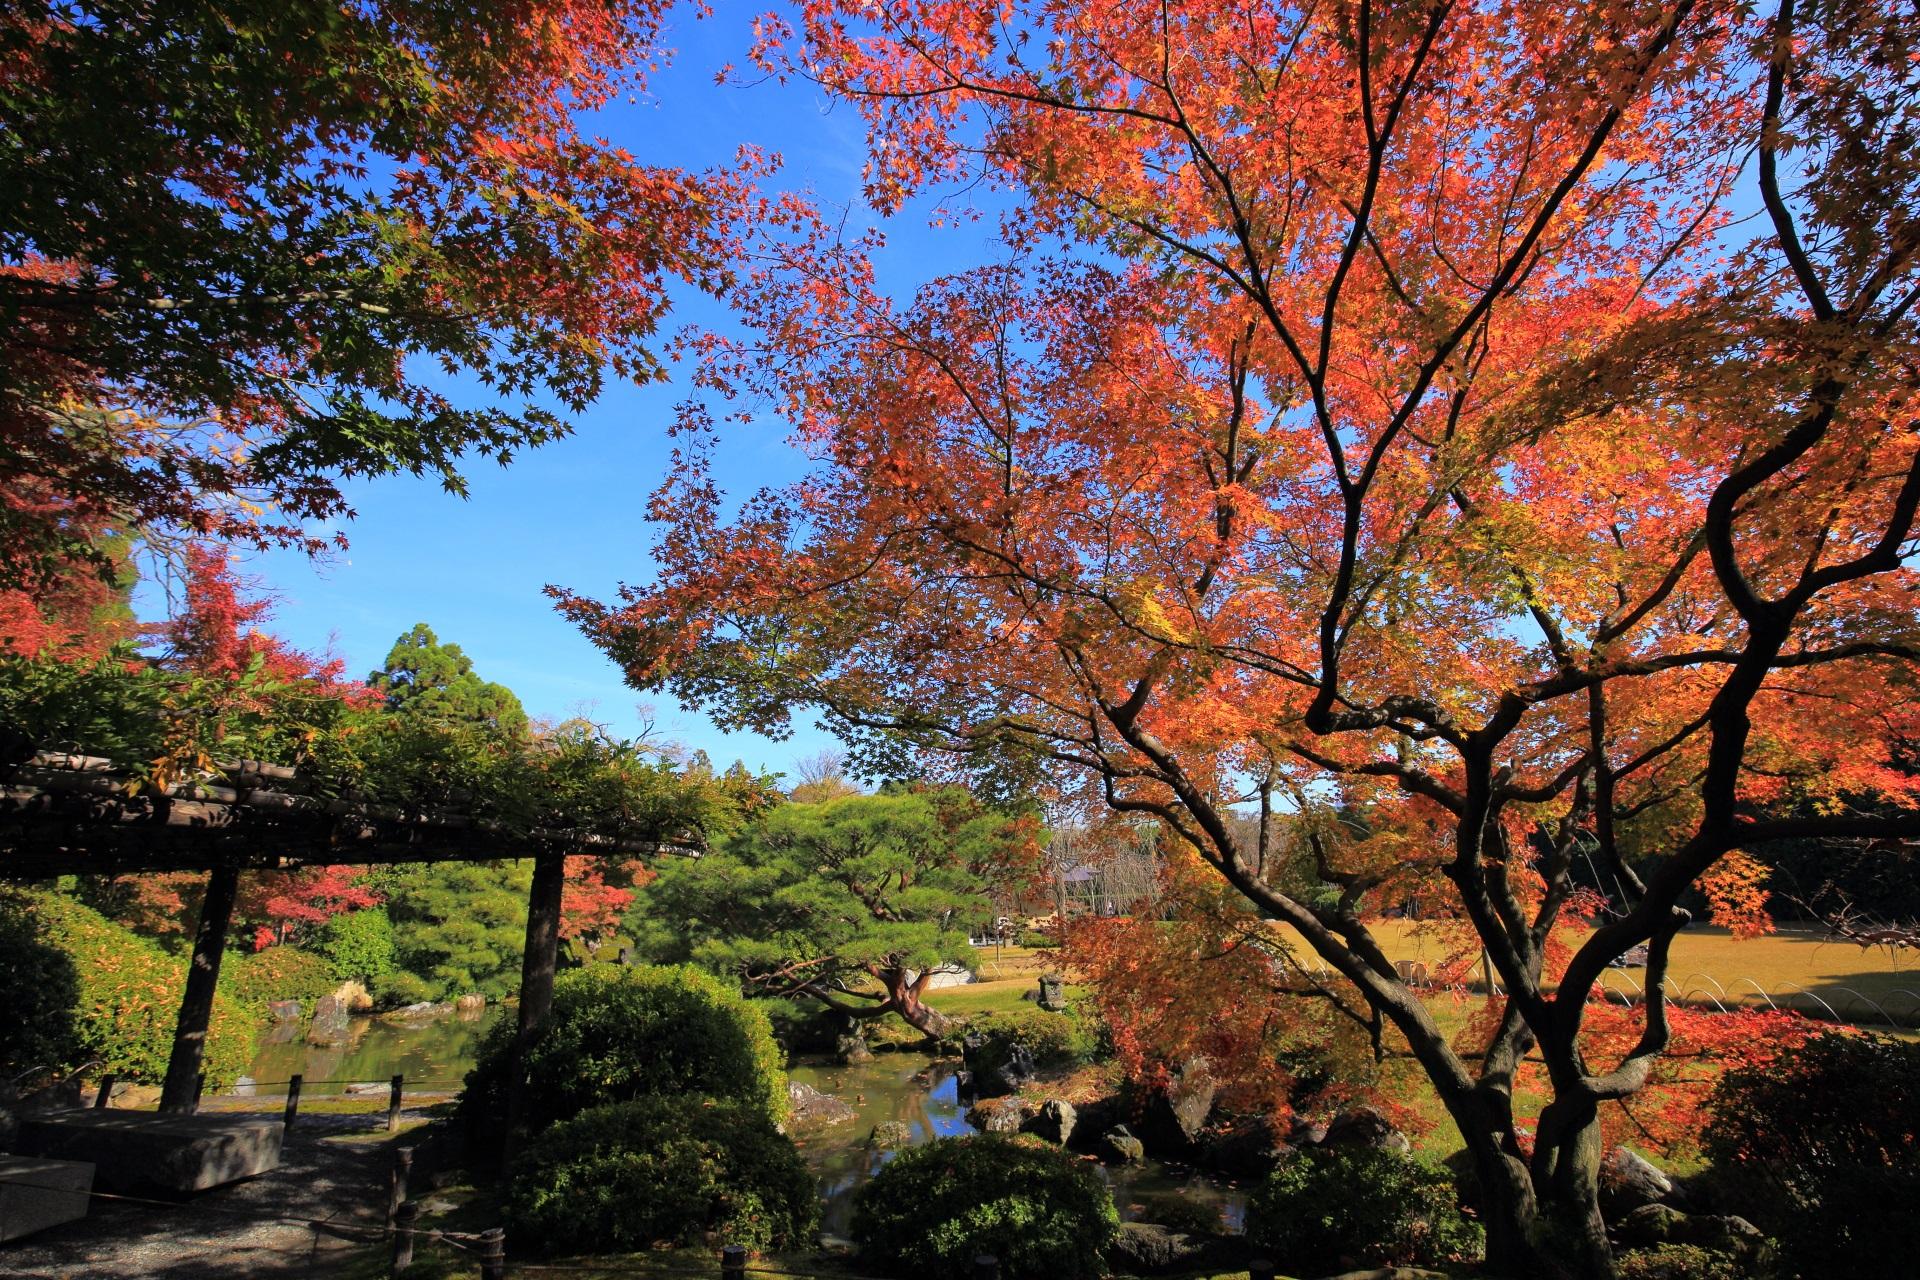 城南宮の素晴らしい紅葉と秋の情景に感謝